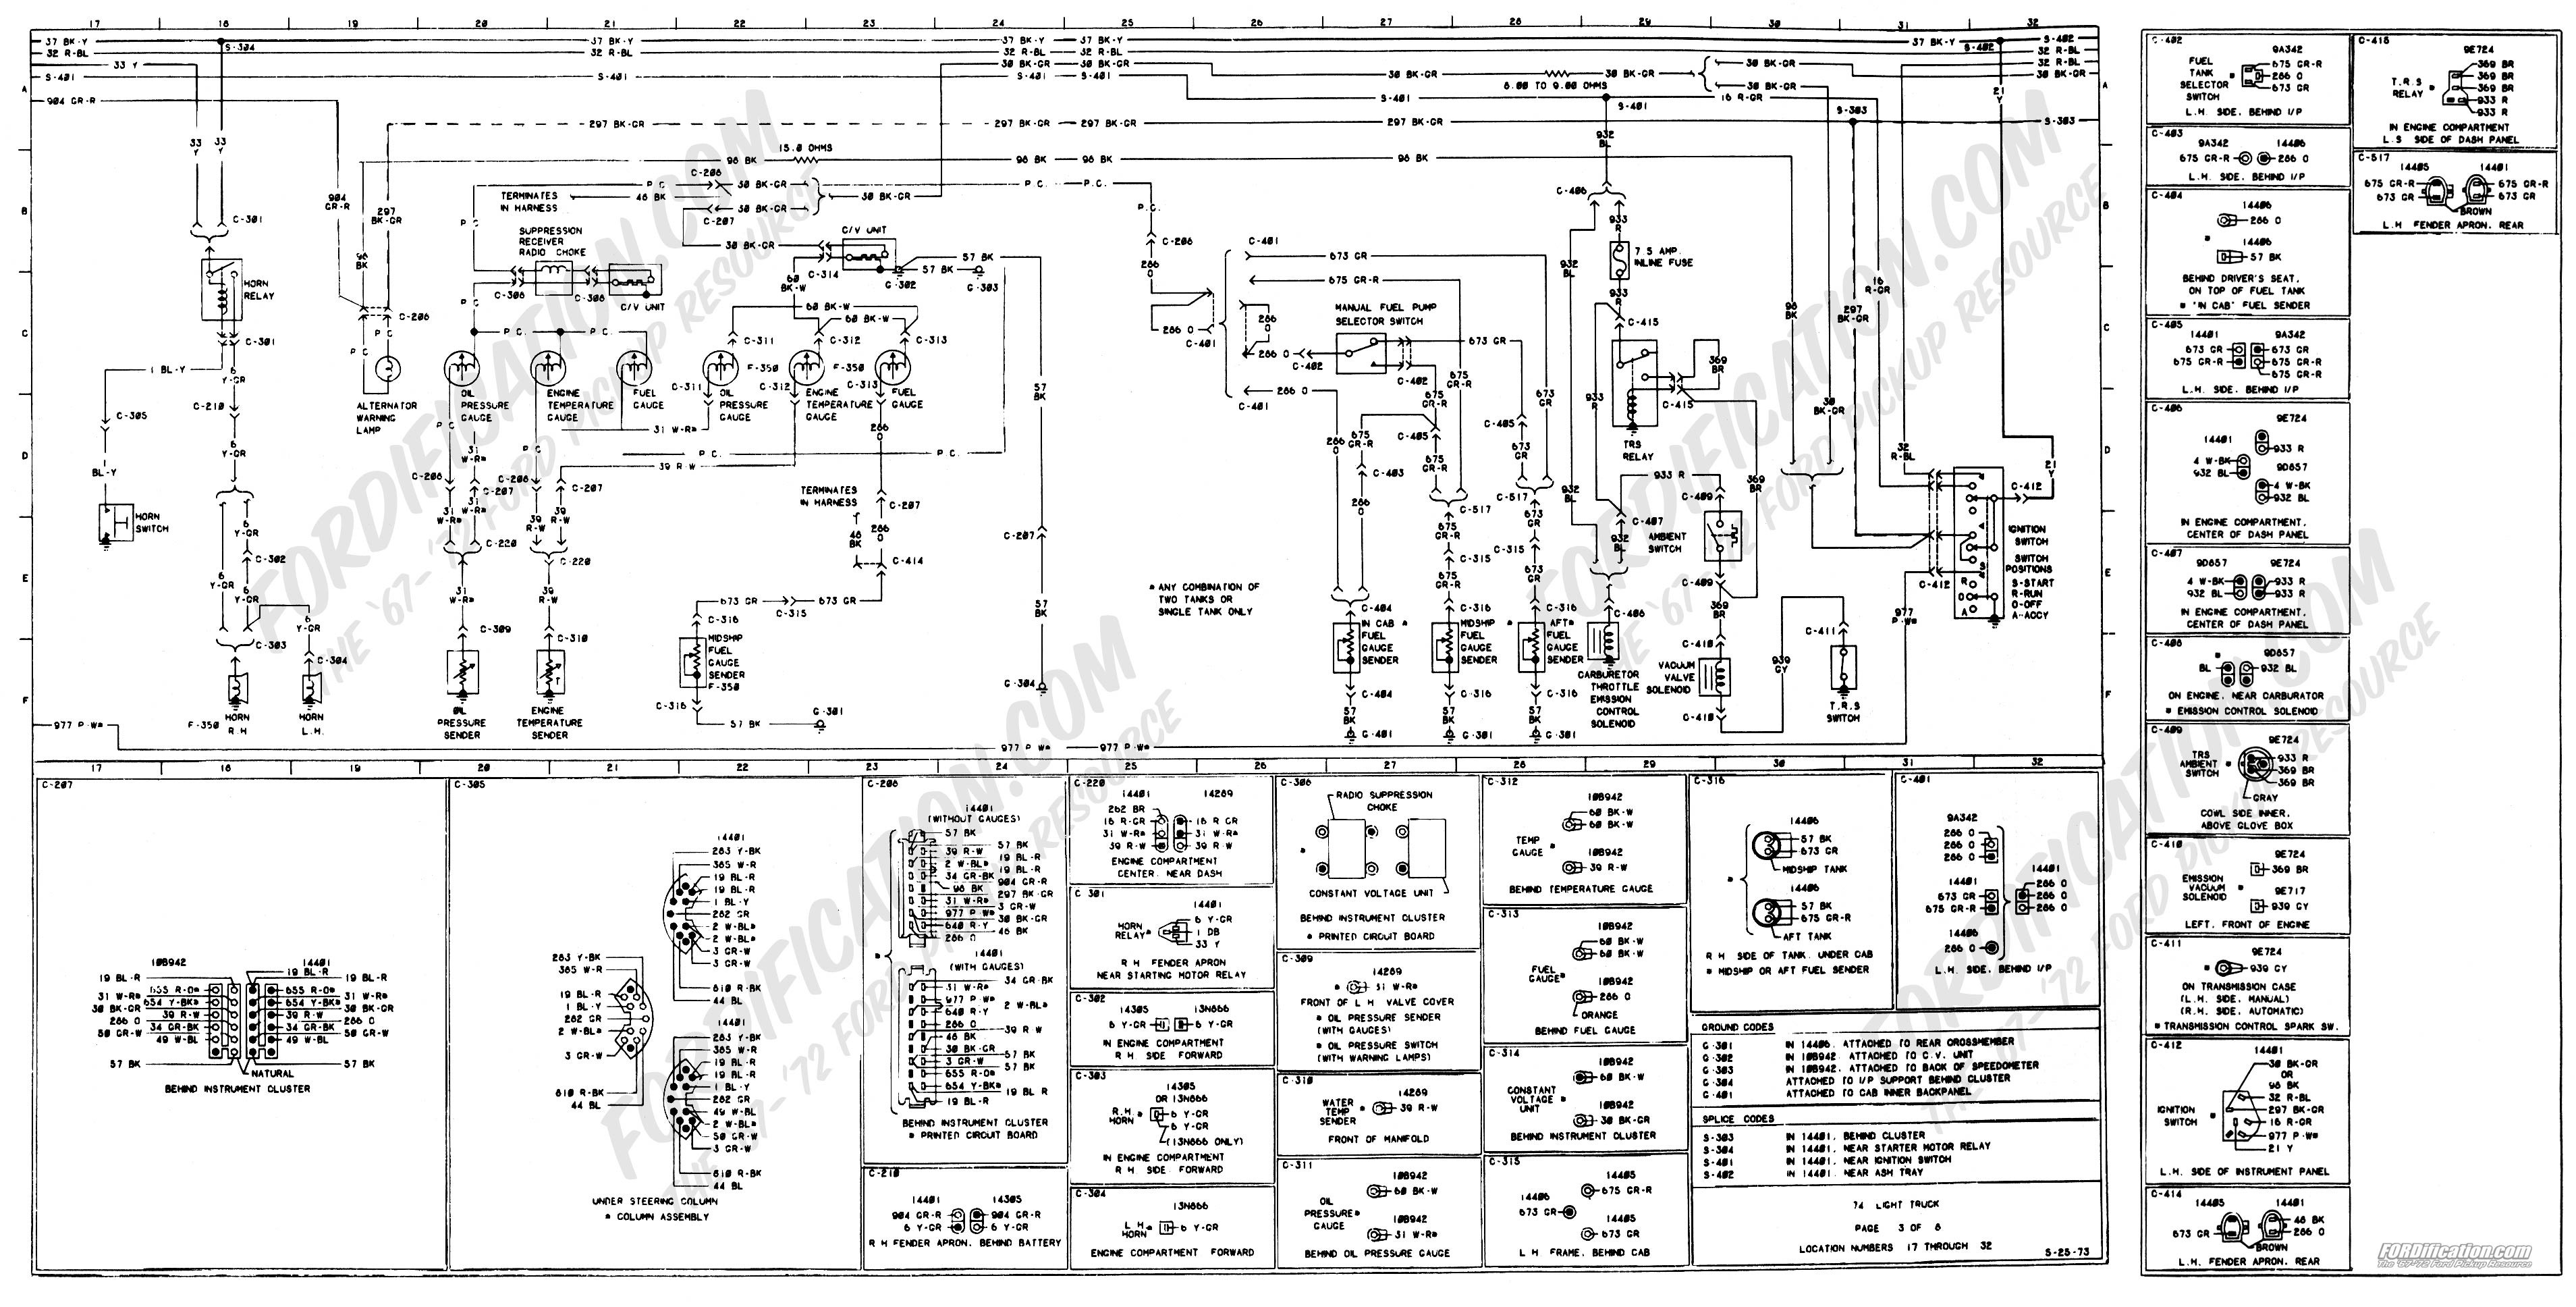 1997 ford F150 4 6 Engine Diagram 2 1973 ford F250 Wiring Diagram Another Blog About Wiring Diagram • Of 1997 ford F150 4 6 Engine Diagram 2